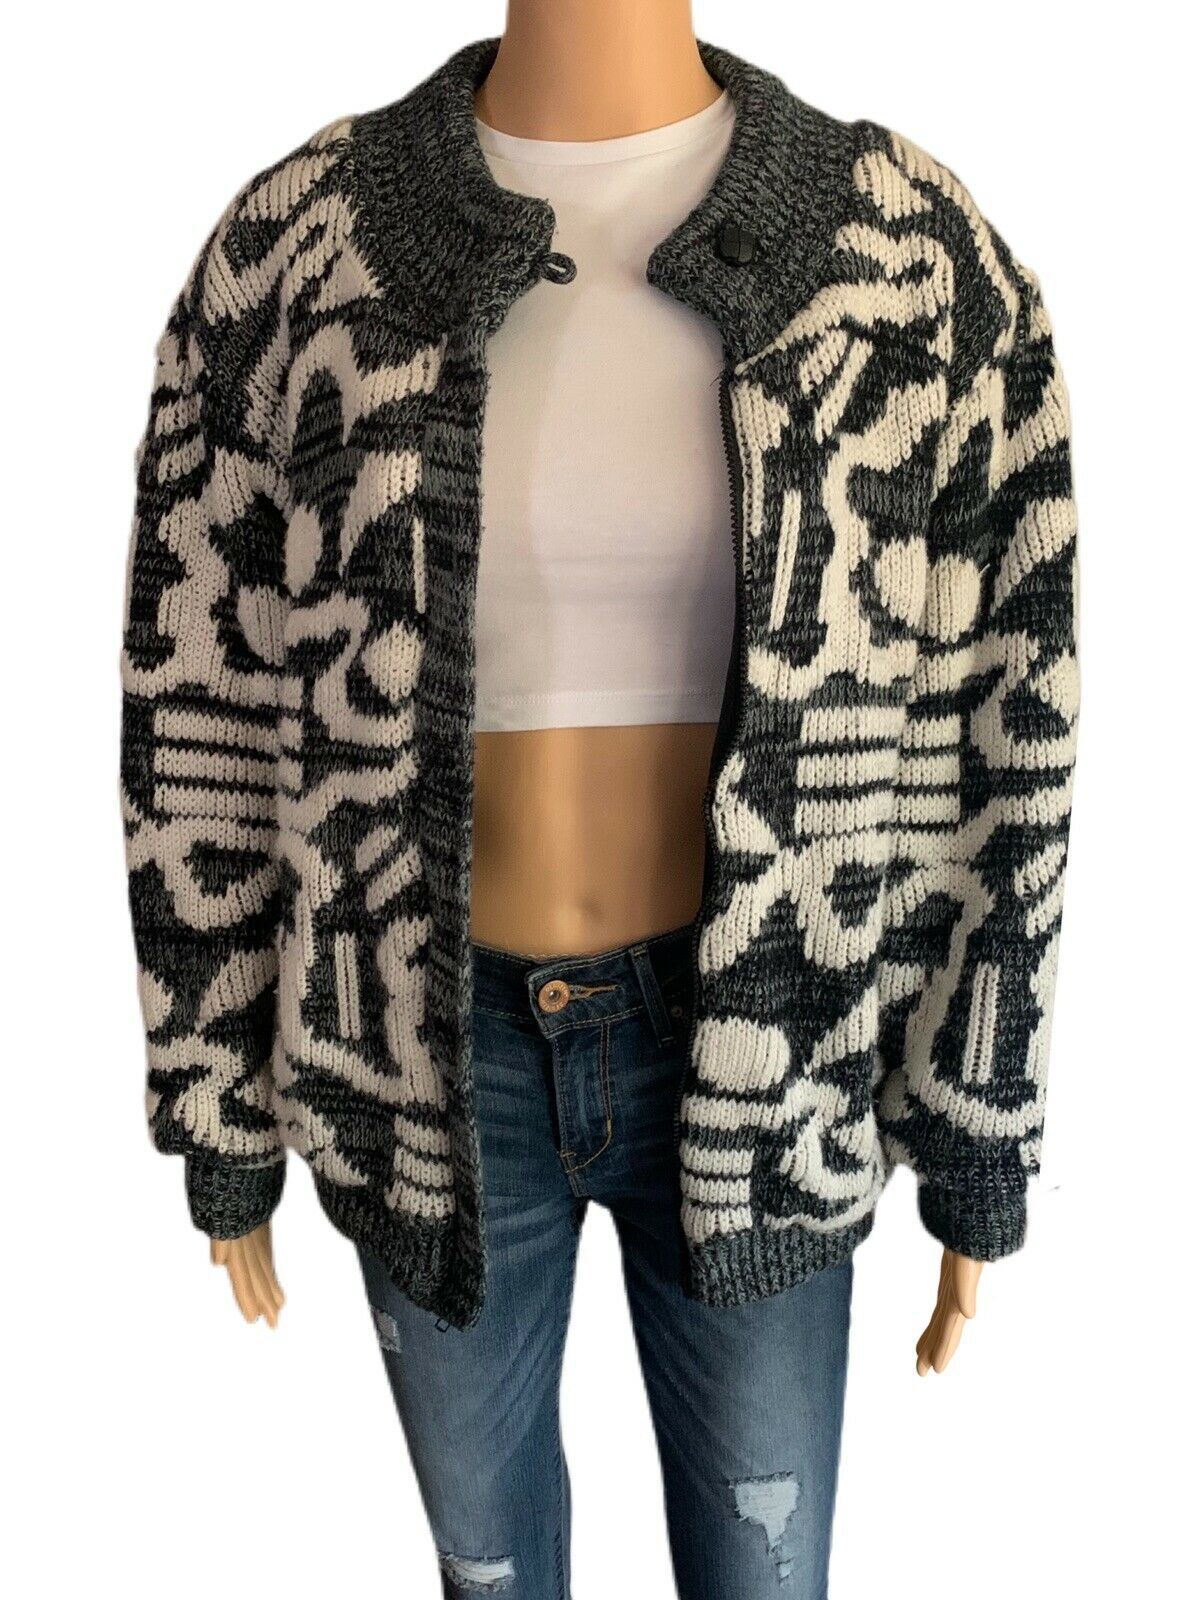 Chimayo Knit Sweater Jacket 80s Vintage Jacket Bo… - image 2